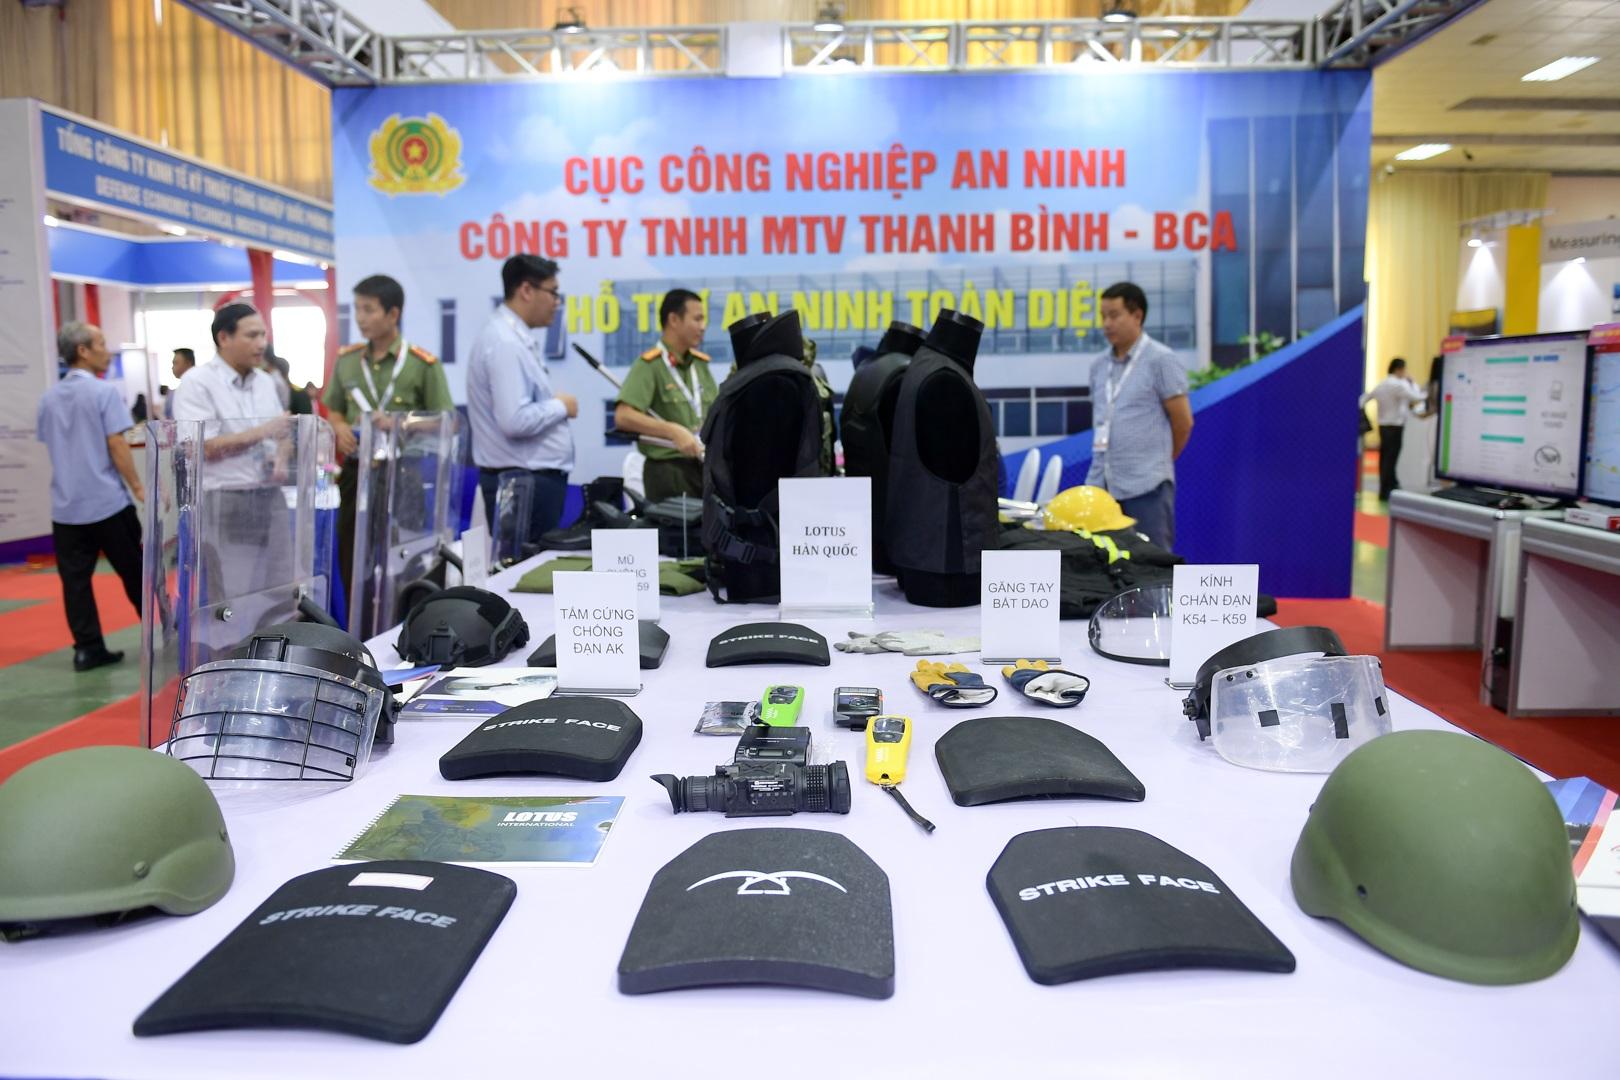 Ngắm những vũ khí tối tân tại Triển lãm Quốc phòng và An ninh Việt Nam 2019 - 1